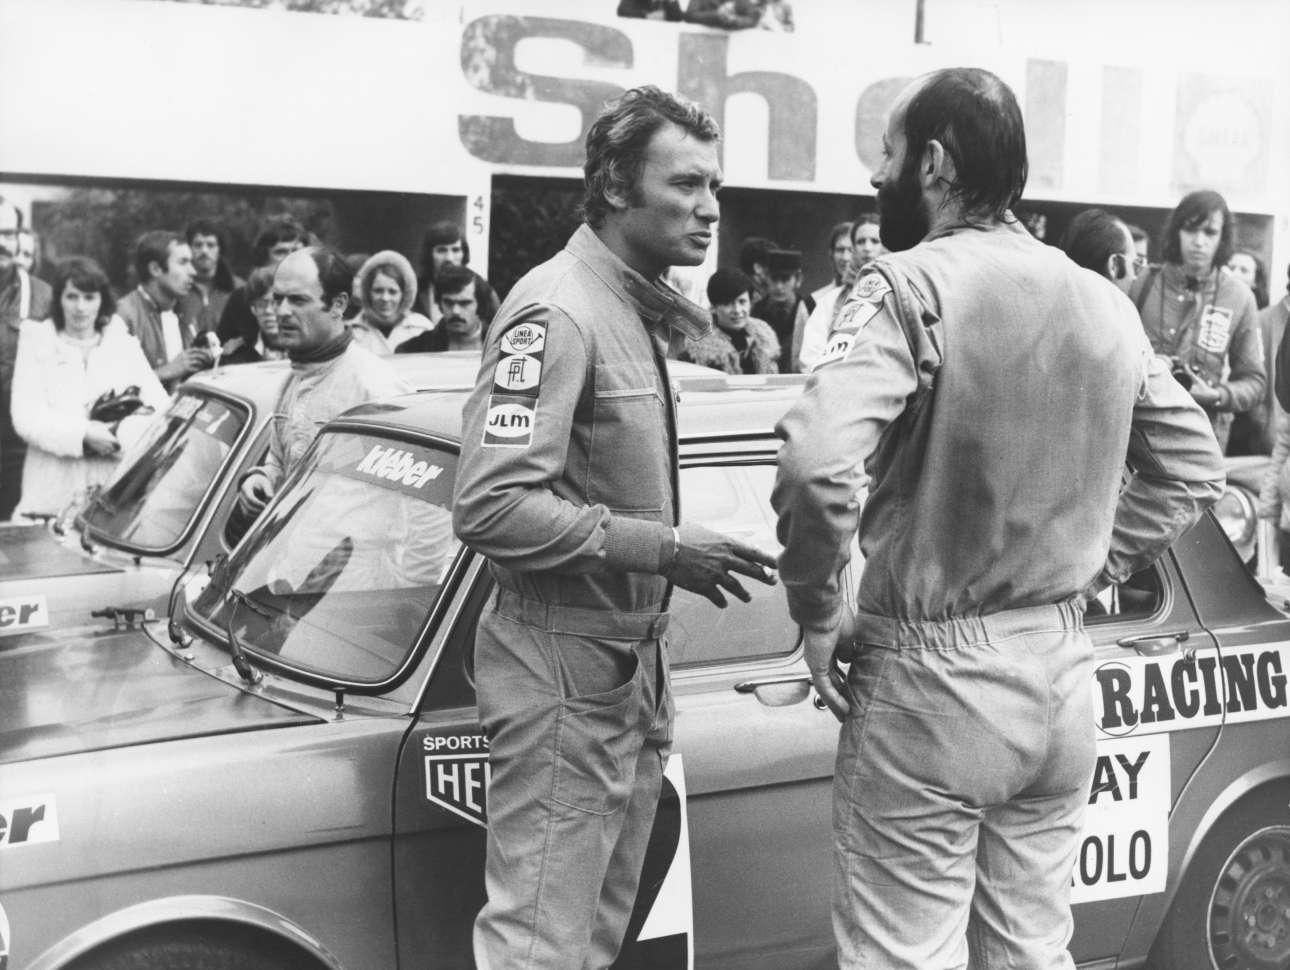 Οκτώβριος 1975. Ο Τζόνι Χαλιντέι συμμετέχει σε αγώνα ταχύτητας αυτοκινήτων στην πίστα του Μανί Κουρς